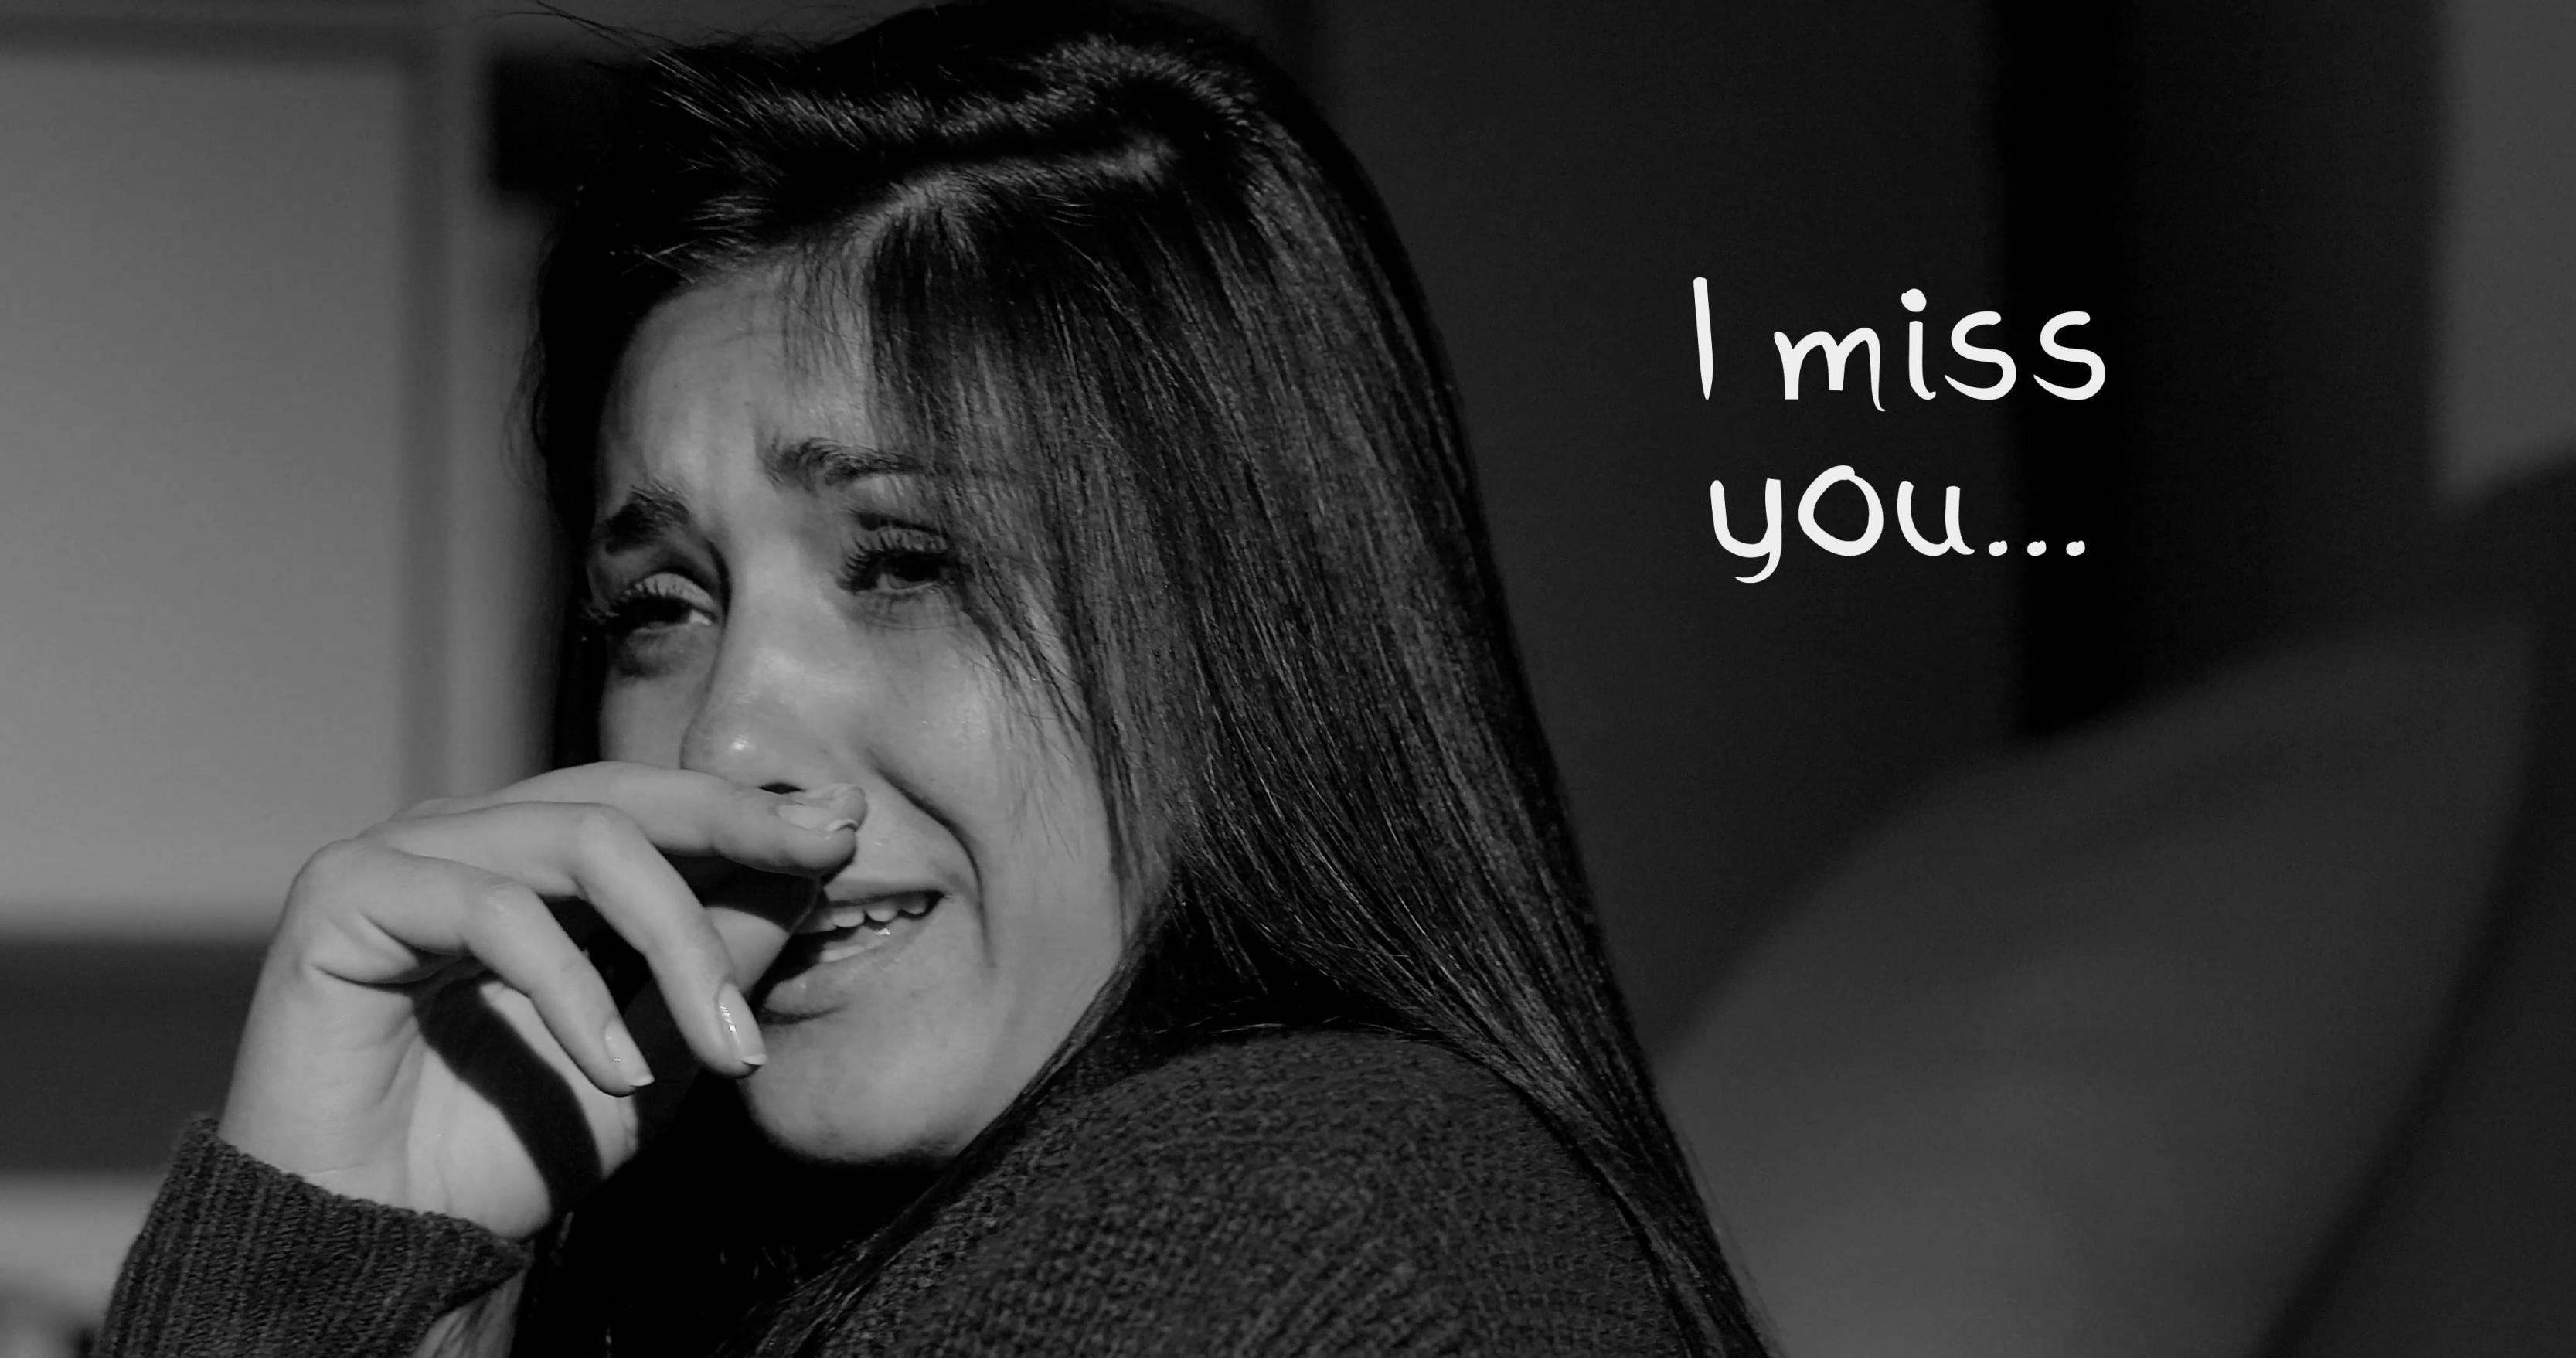 صورة صور حزين جدن , رمزيات حزينه ومؤلمه